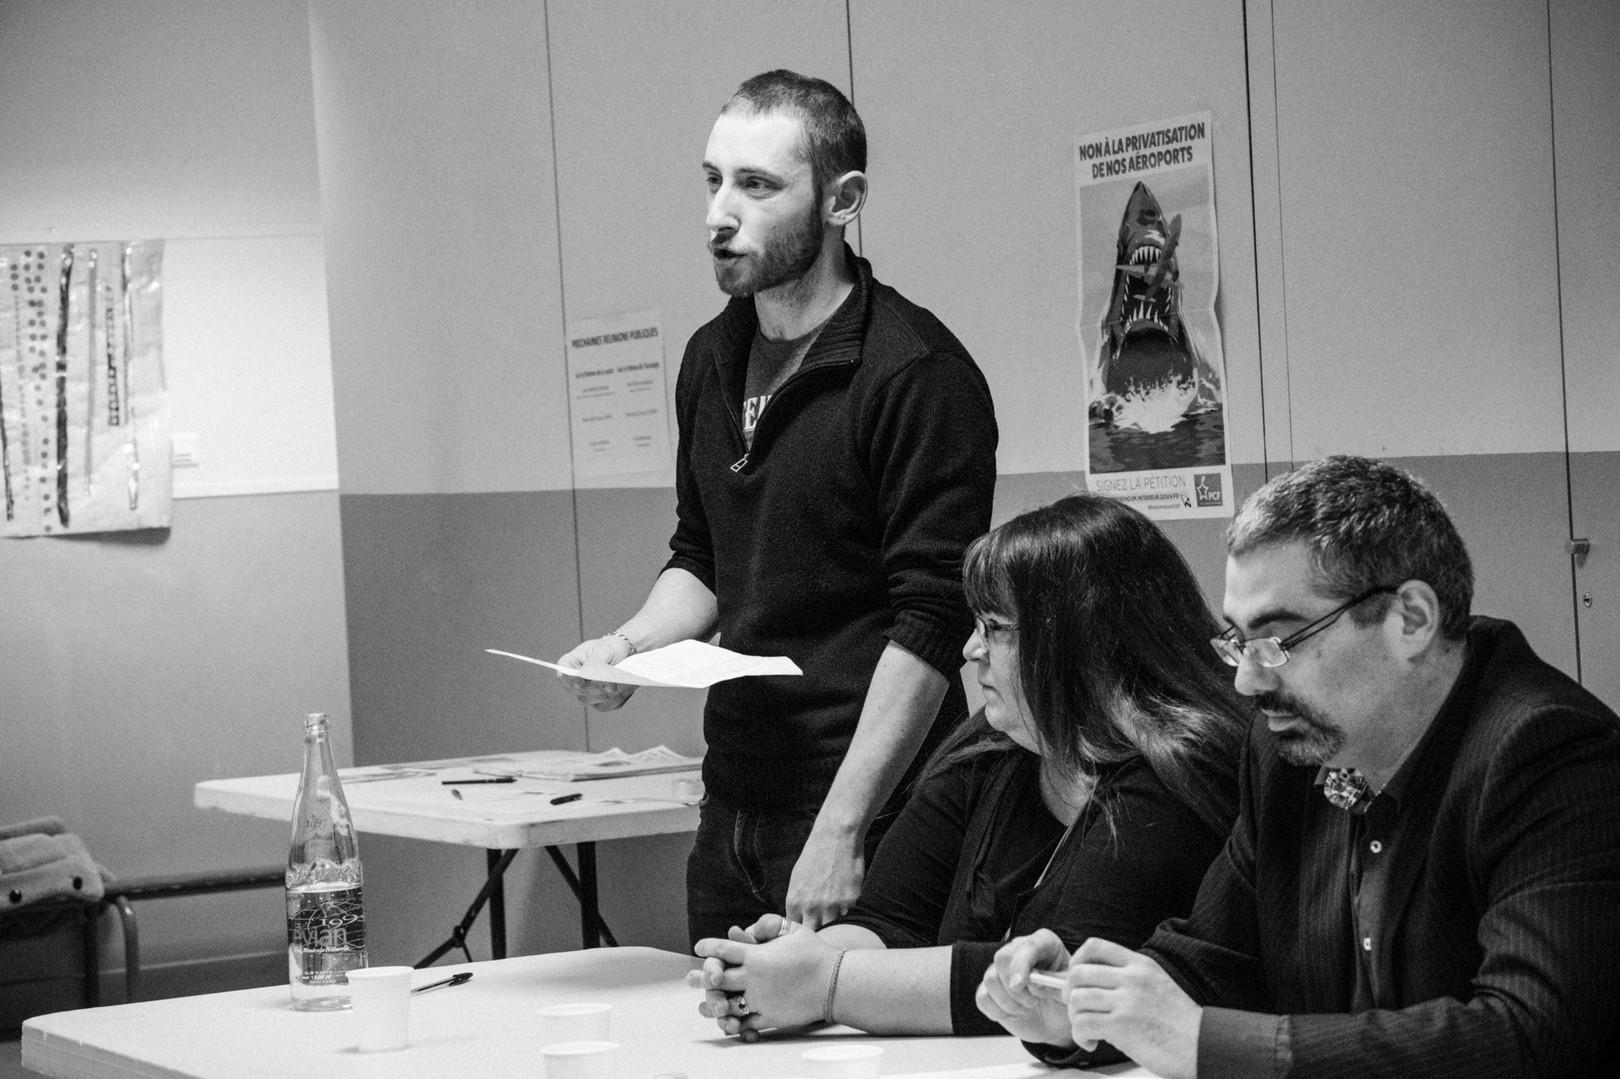 Meeting à Vanves pour les électionsmunicipales.